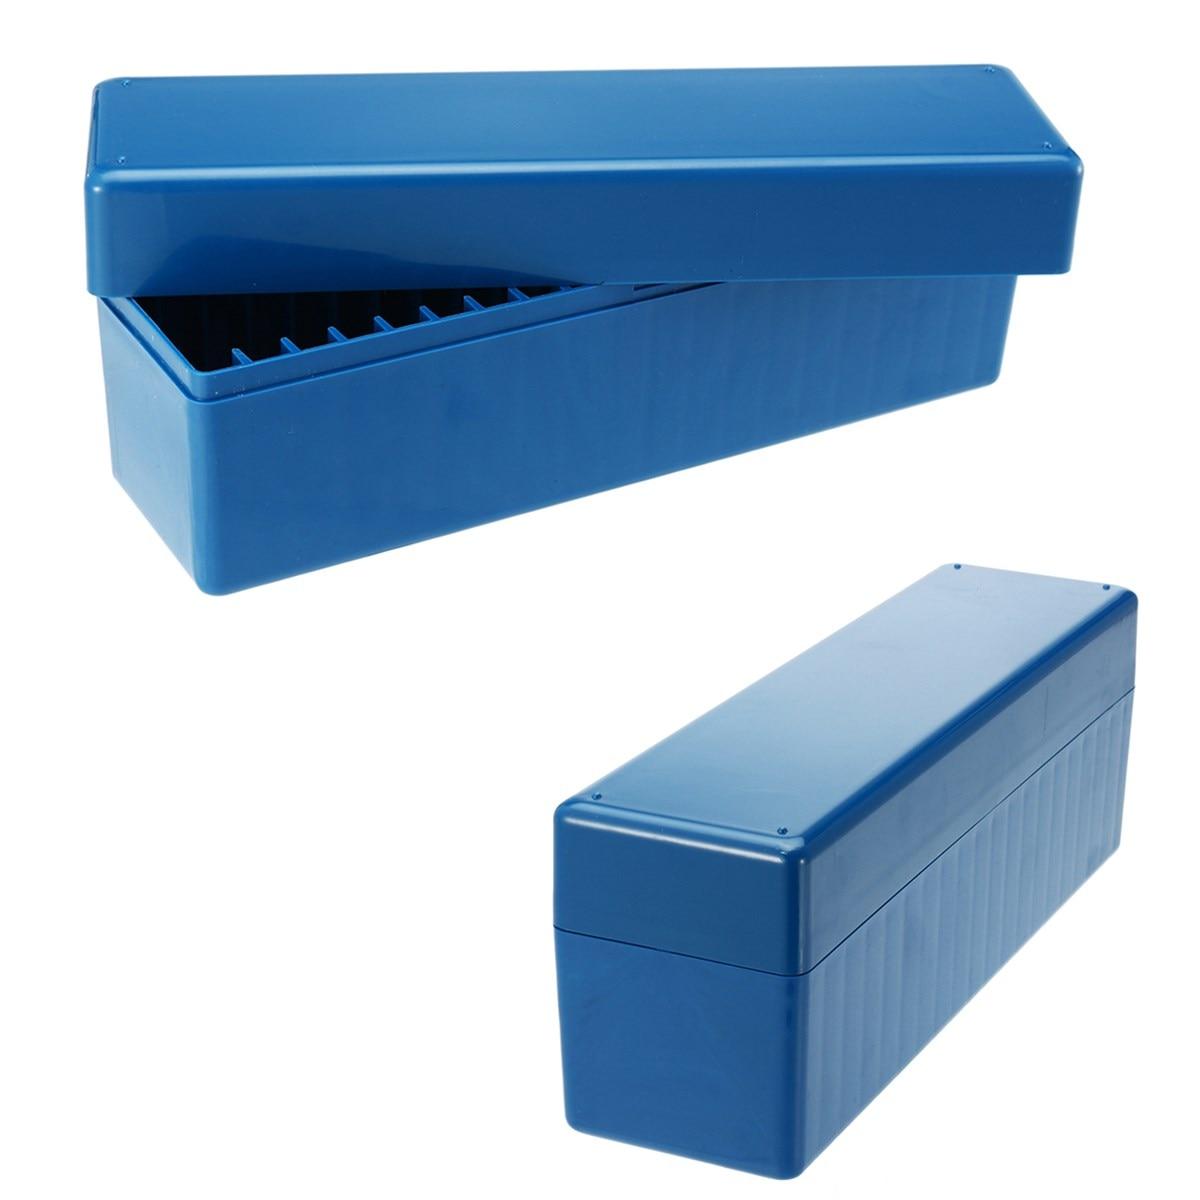 20 шт. держатель коробки для хранения монет синие пластиковые капсульные контейнеры для монет для PCGS/NGC/ICG держатель для монет 25x9x7 см